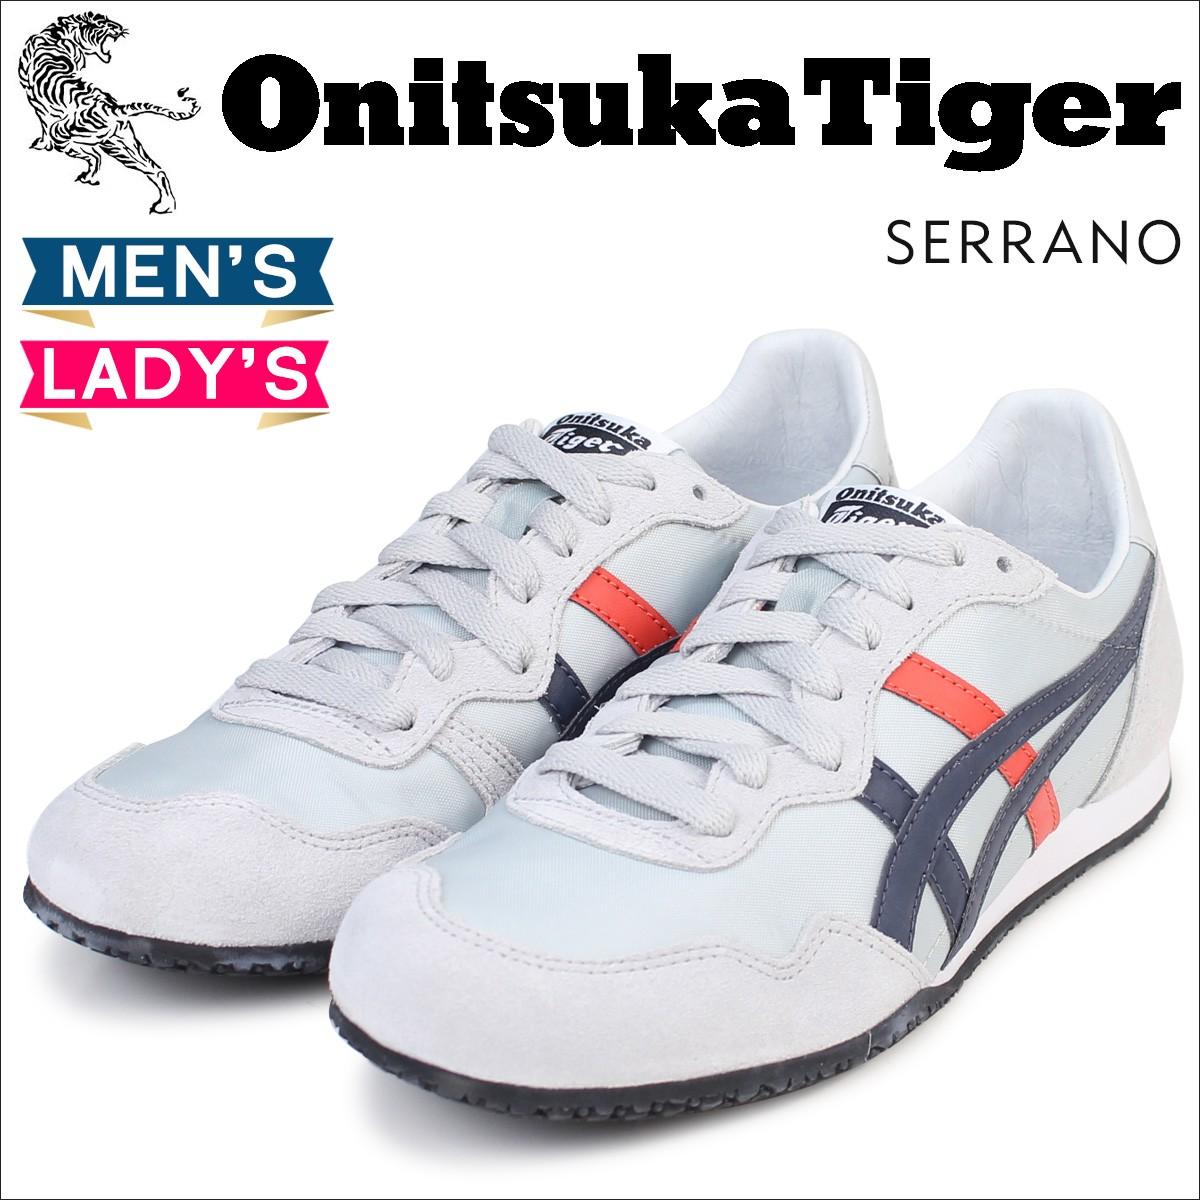 オニツカタイガー セラーノ Onitsuka Tiger メンズ レディース スニーカー SERRANO TH109L 9658 靴 グレー [3/7 新入荷]